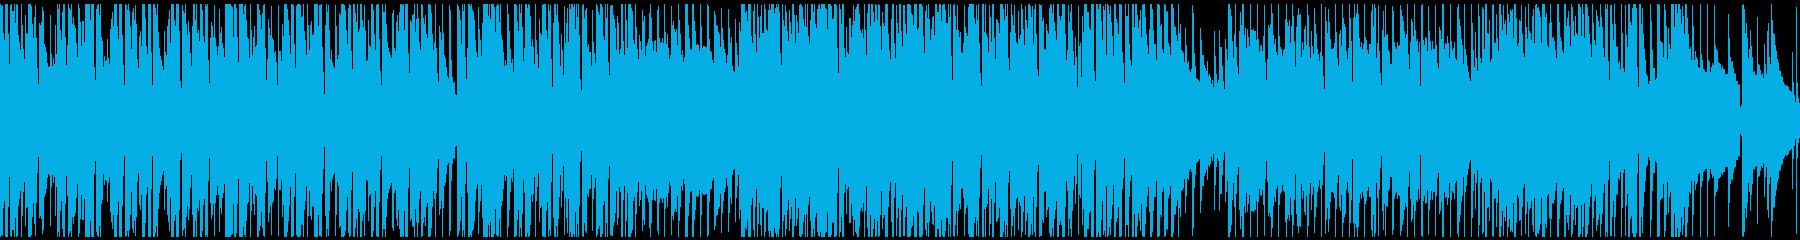 企業VP映像用のあかるい曲(ループ仕様)の再生済みの波形